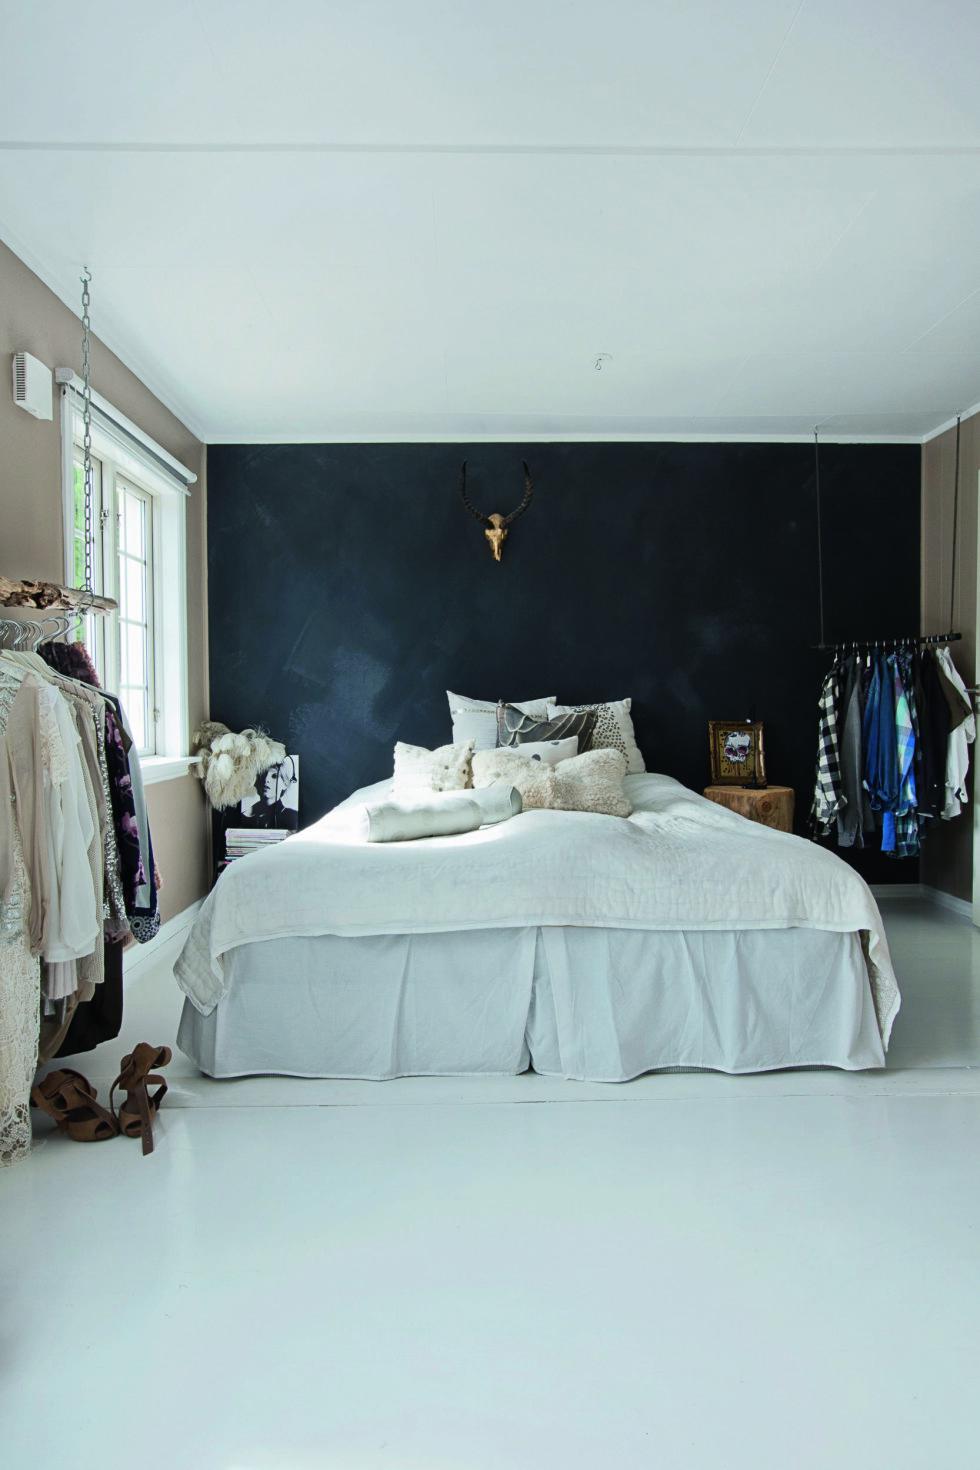 KLÆR TIL PYNT: - Jeg har alltid digget å bruke klær i interiøret, og lar de fineste kjolene henge fremme på soverommet. Det gjør meg glad! Foto: Jorunn Tharaldsen